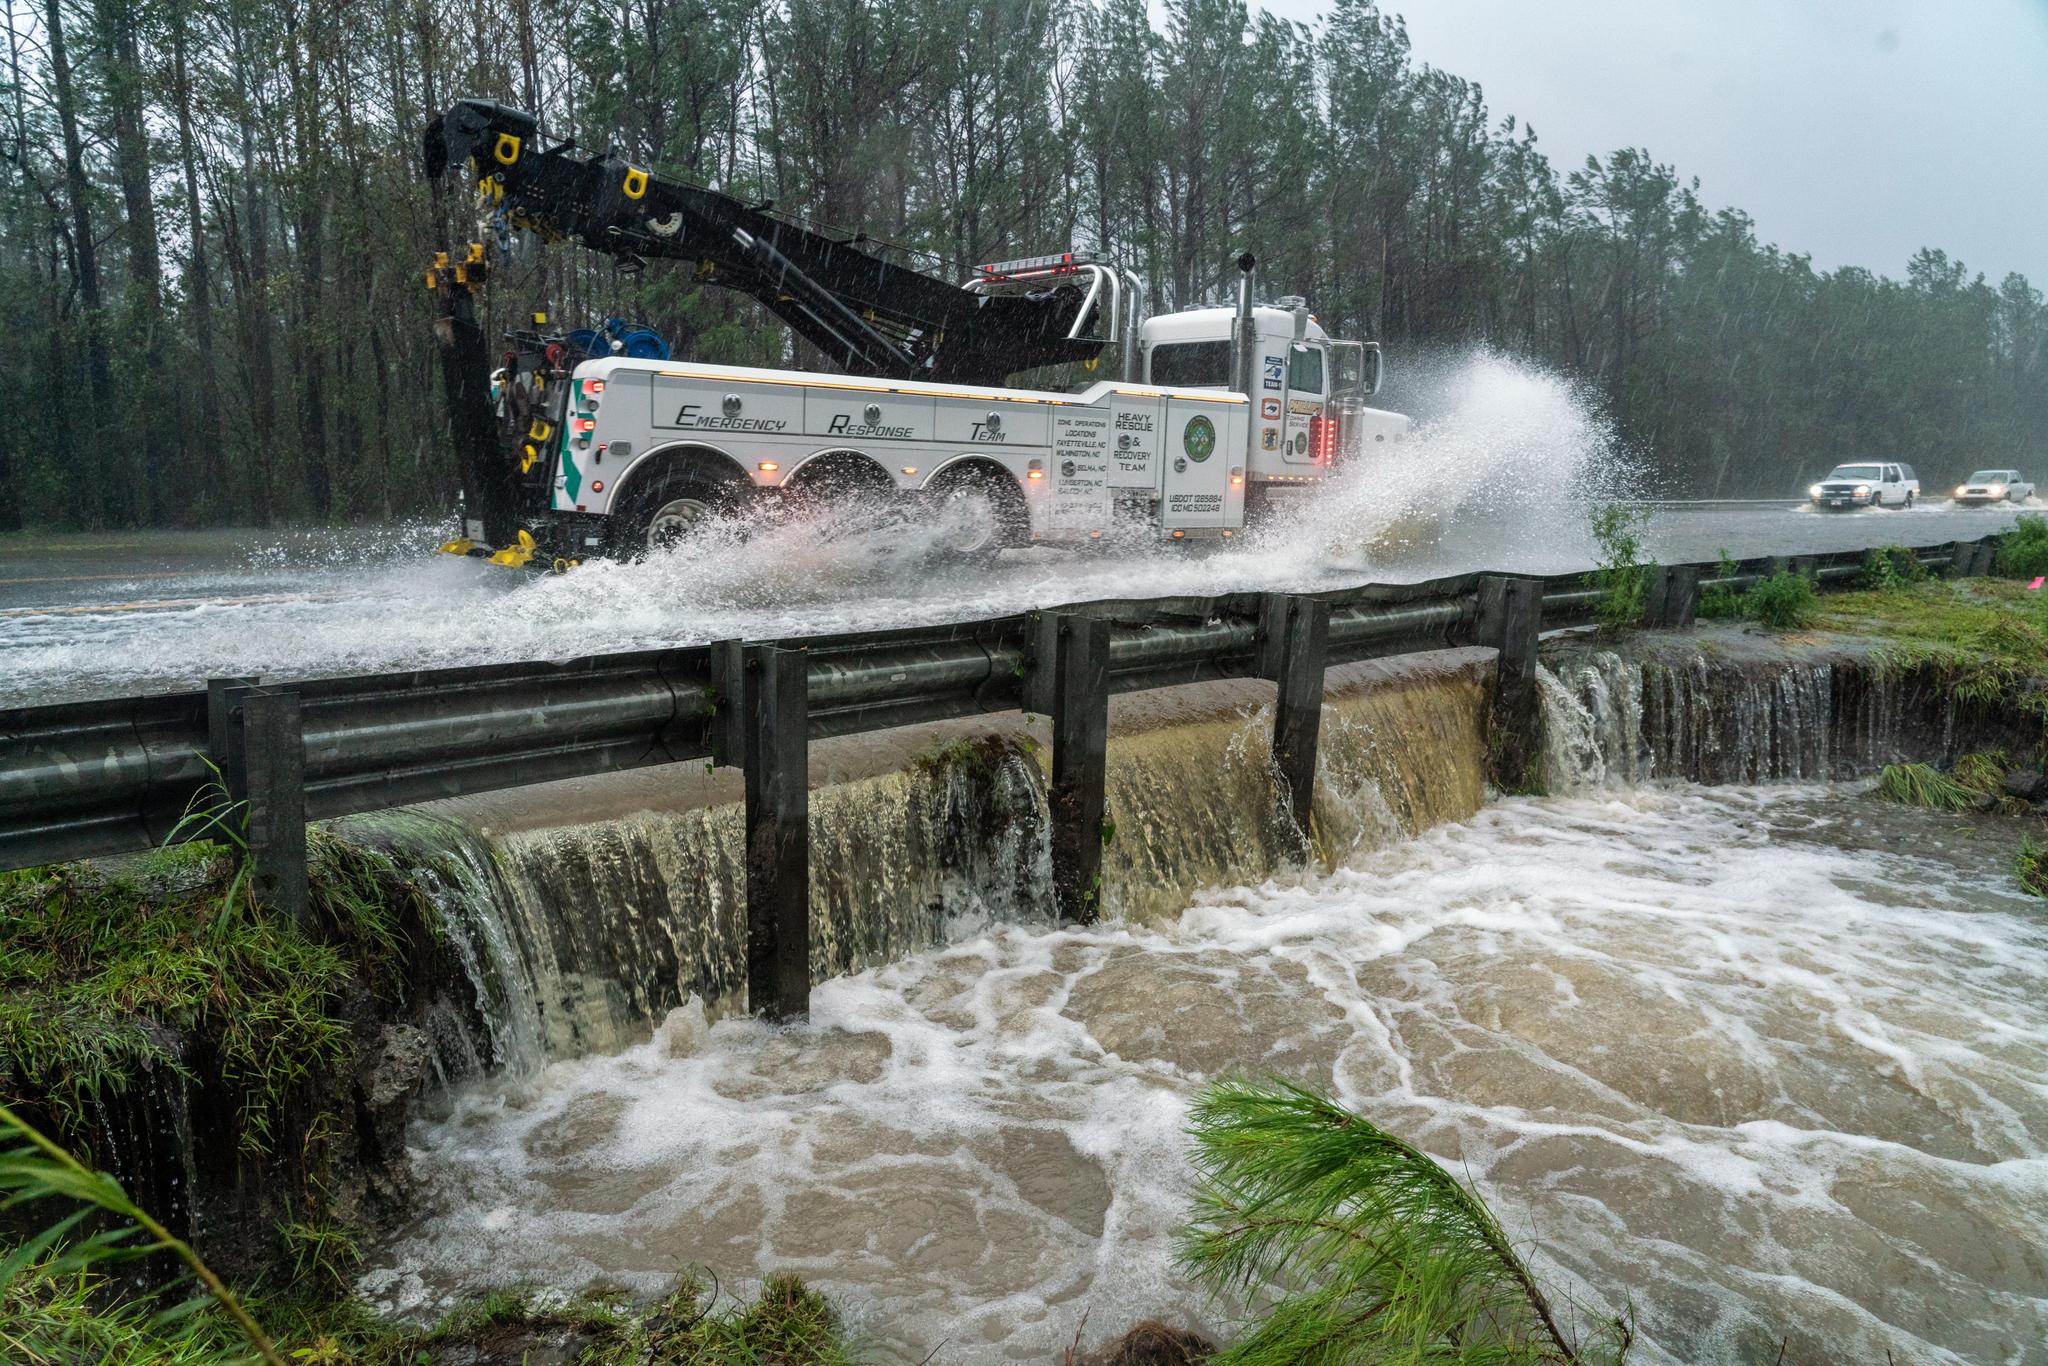 재난 응급대응 차량이 15일 노스캐롤라이나 윌밍턴 교외의 침수된 도로를 달리고 있다. [UPI=연합뉴스]